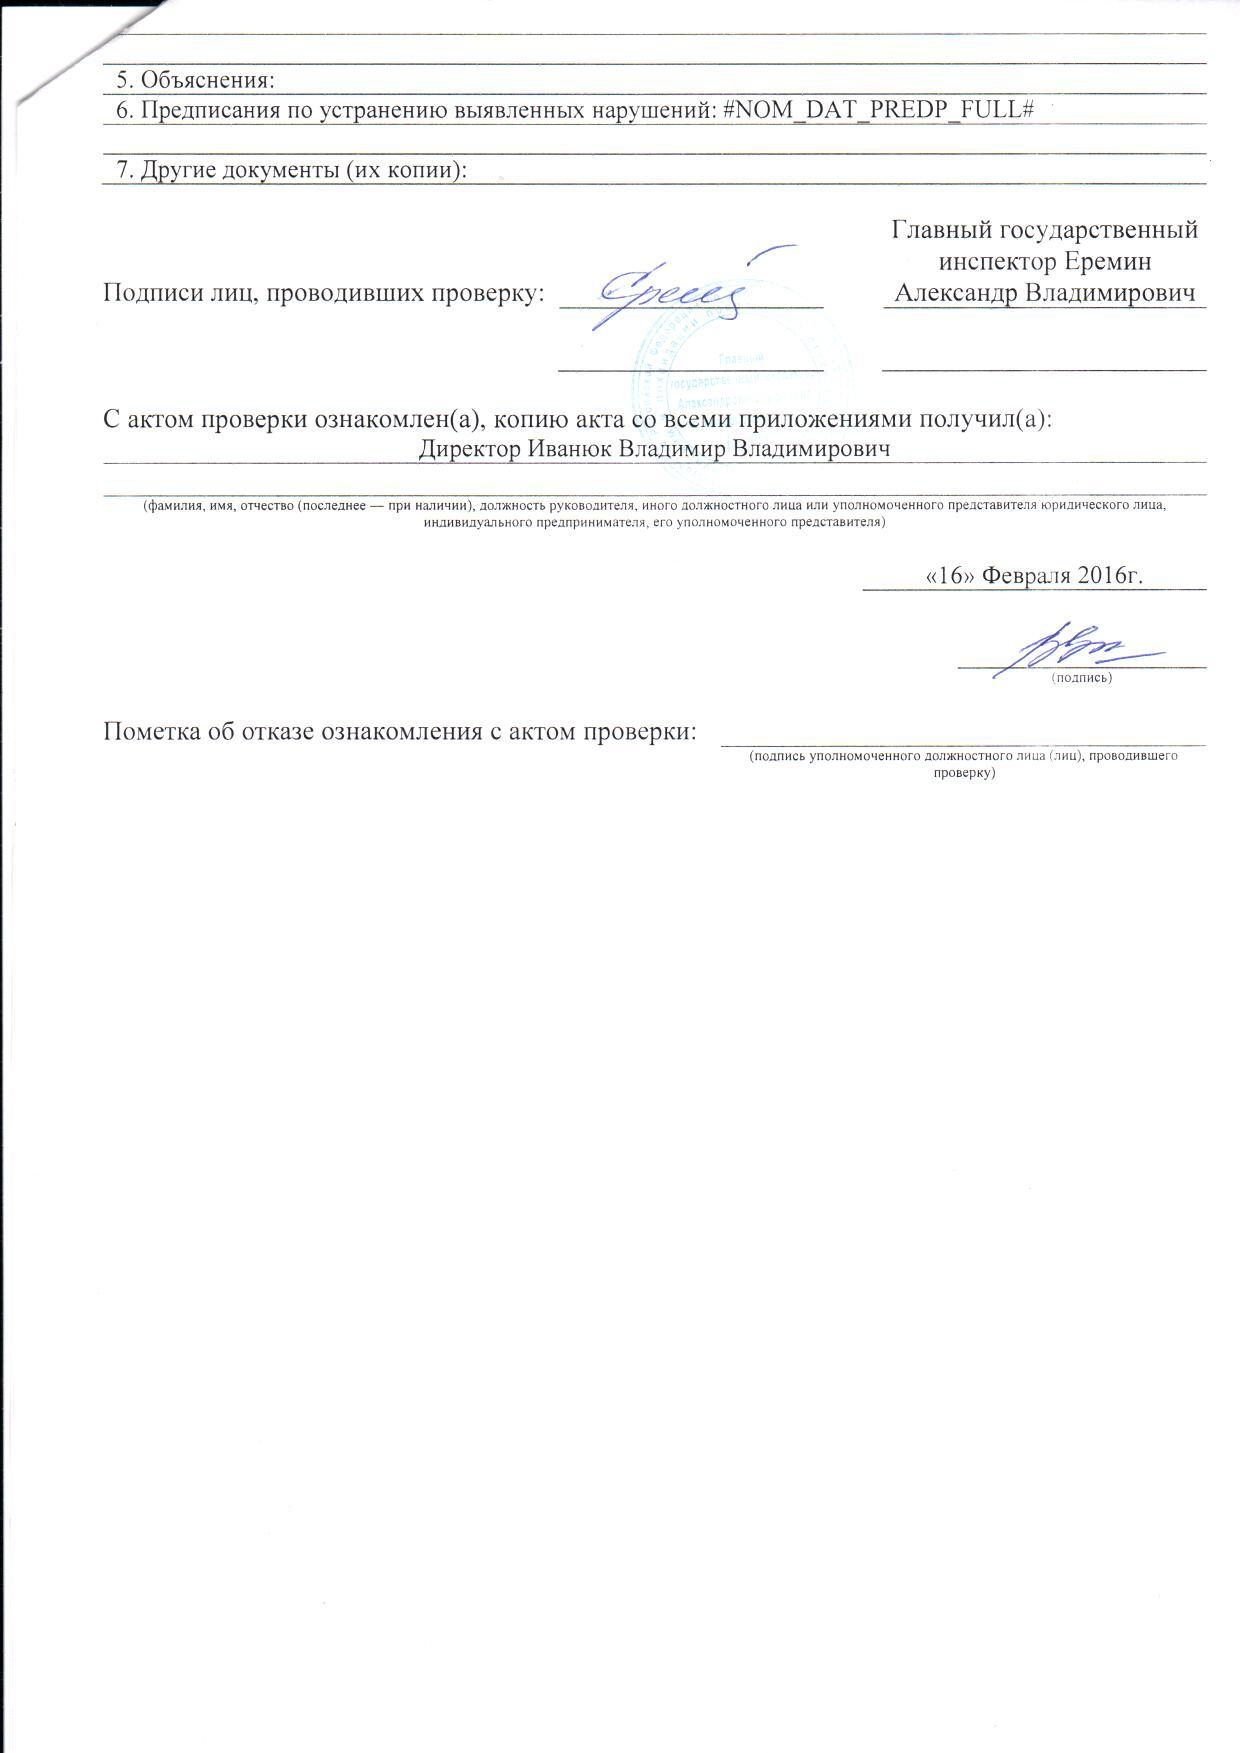 Акт проверки МЧС от 16.02.2016 (2)